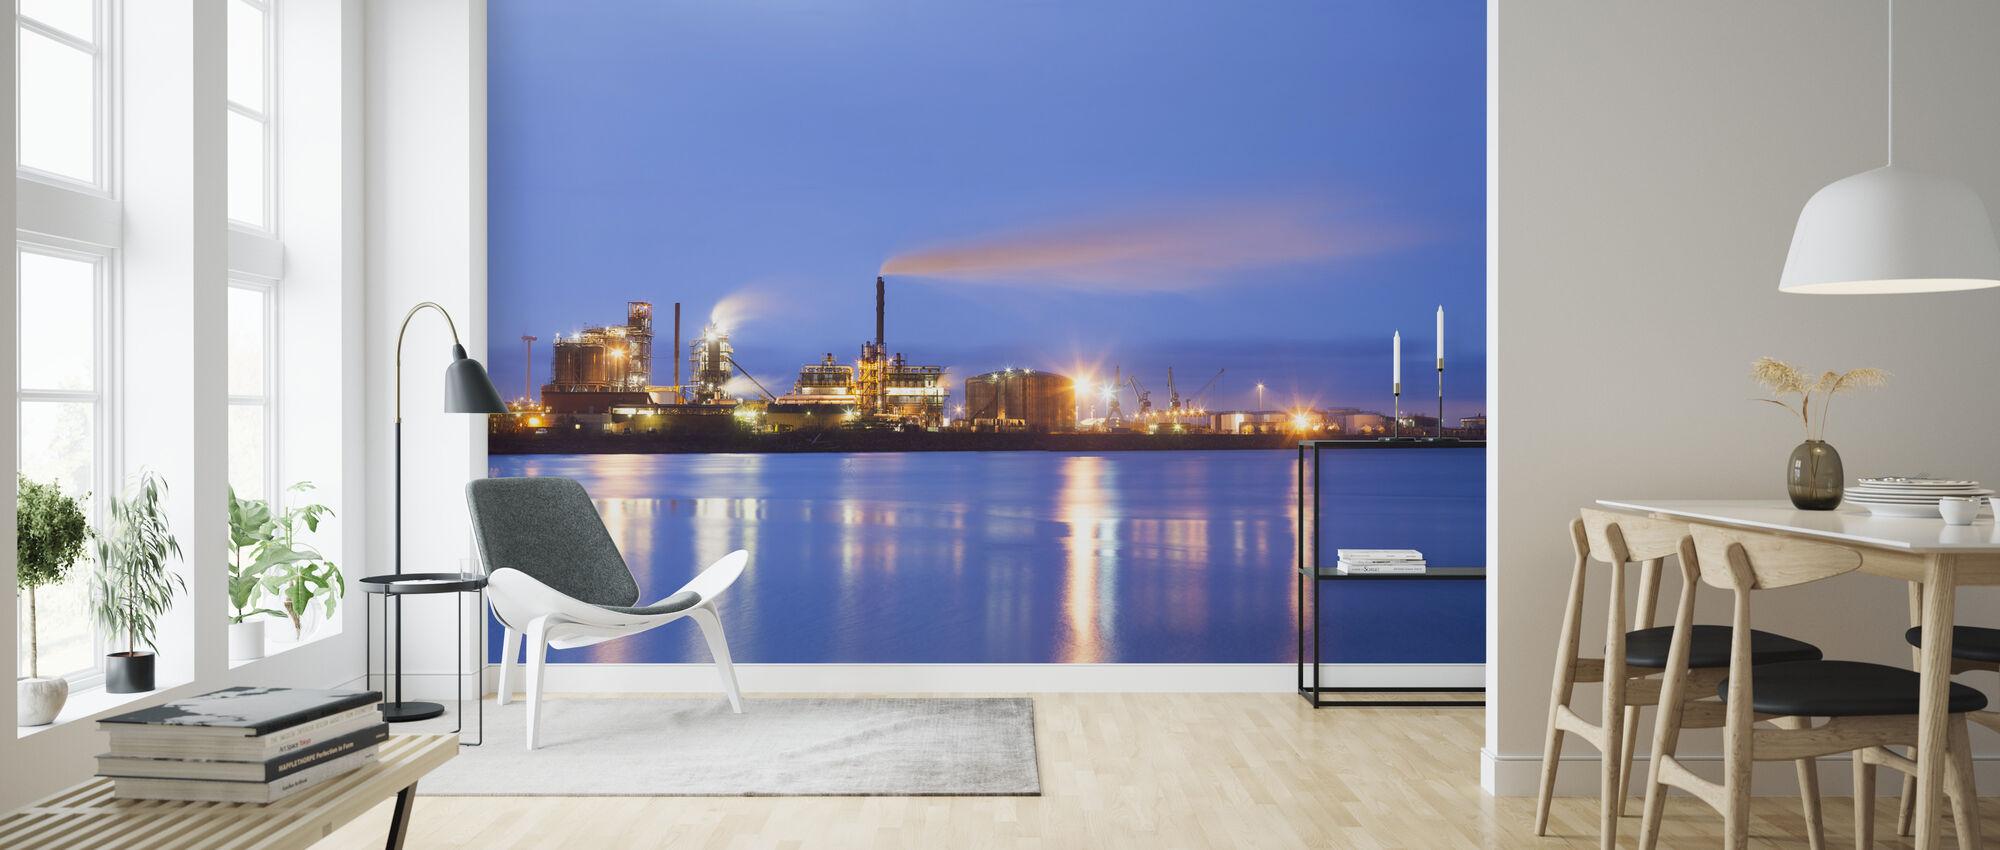 Östra Harbour in Malmö - Wallpaper - Living Room